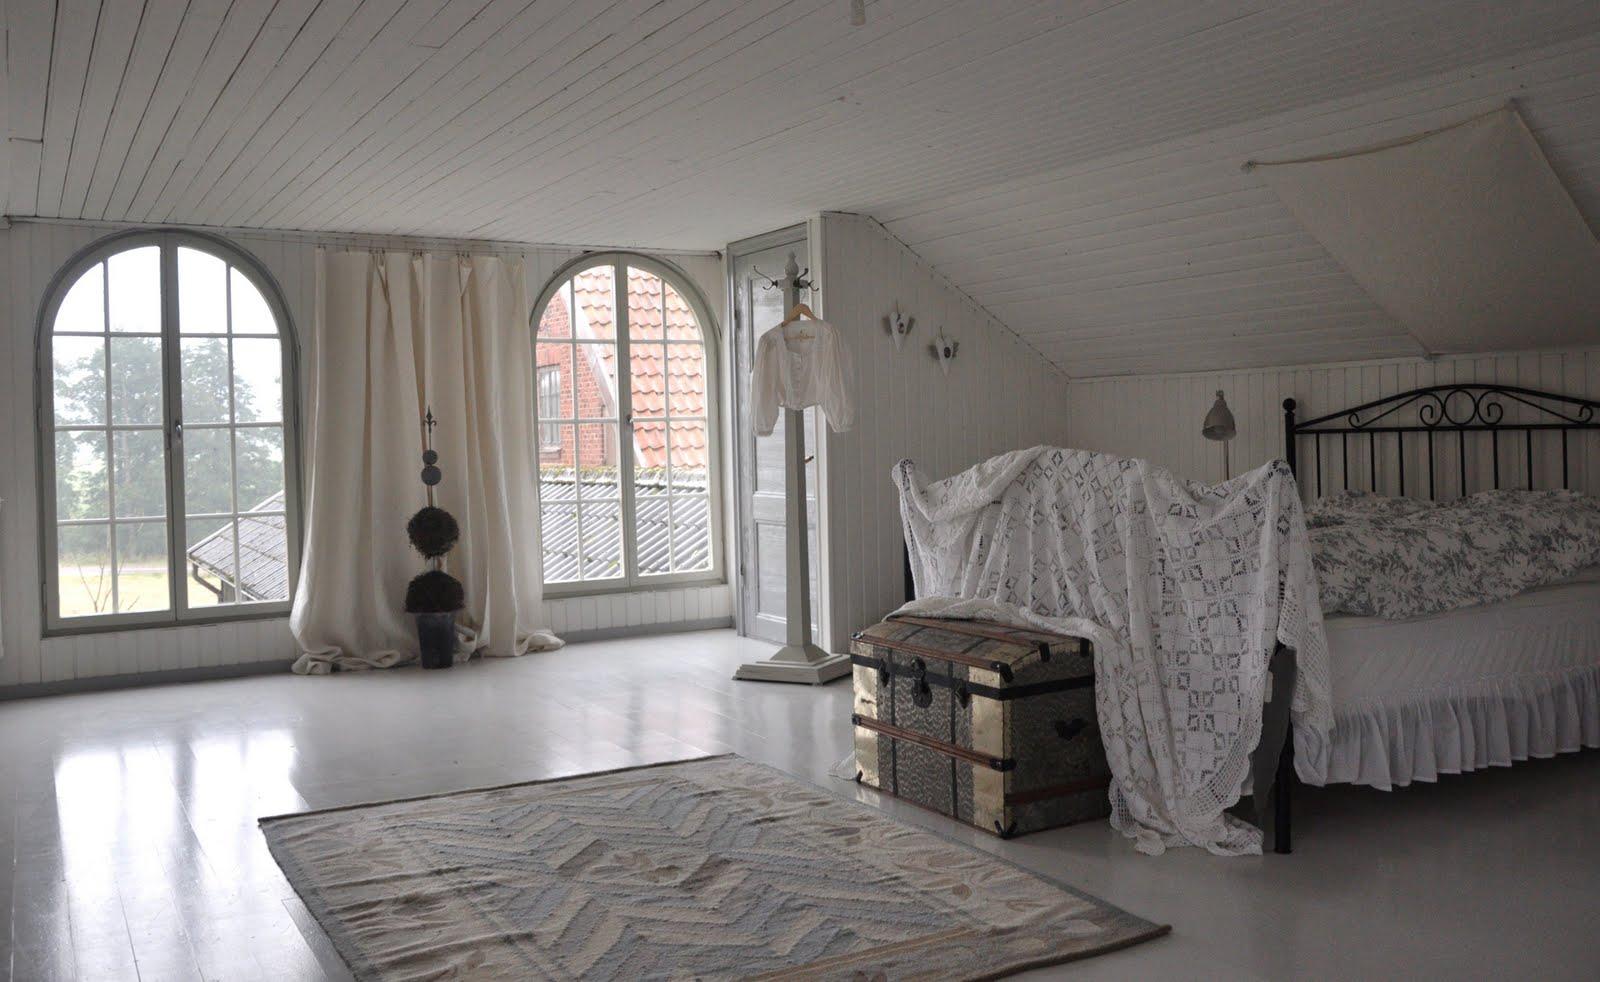 La casa di Susanne in Svezia, crocevia tra stile Shabby, Antiquariato, Vintage e Victoryano